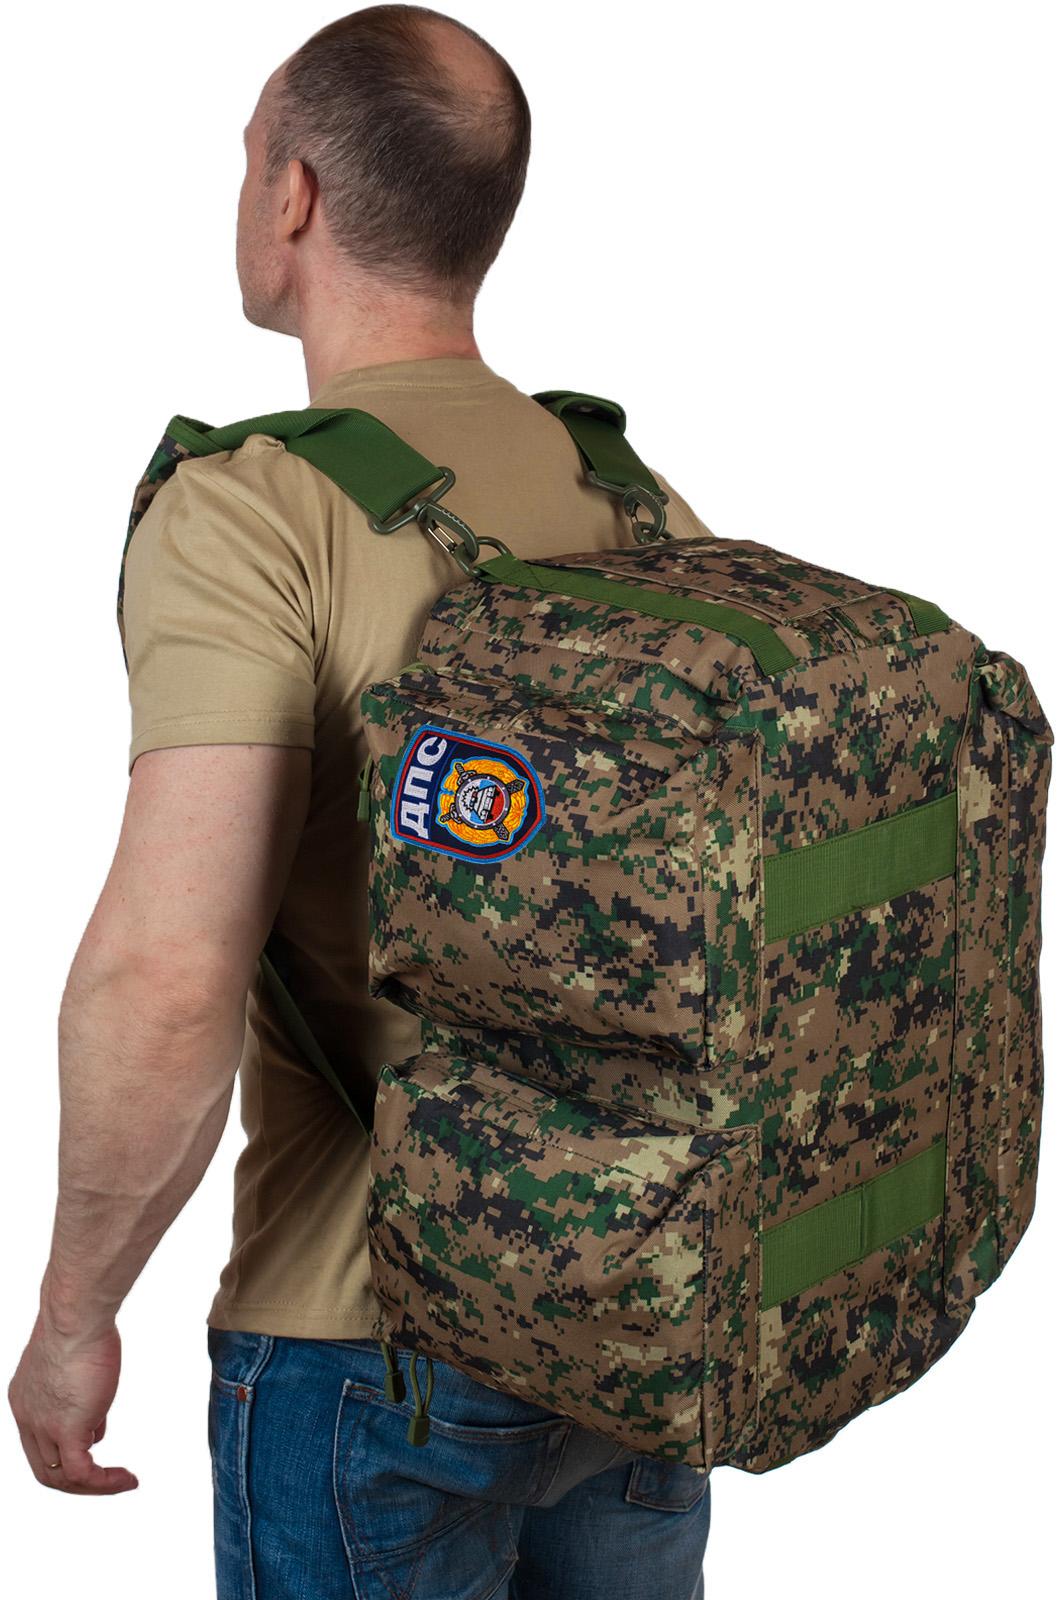 Мужская дорожная сумка с нашивкой ДПС - купить в Военпро